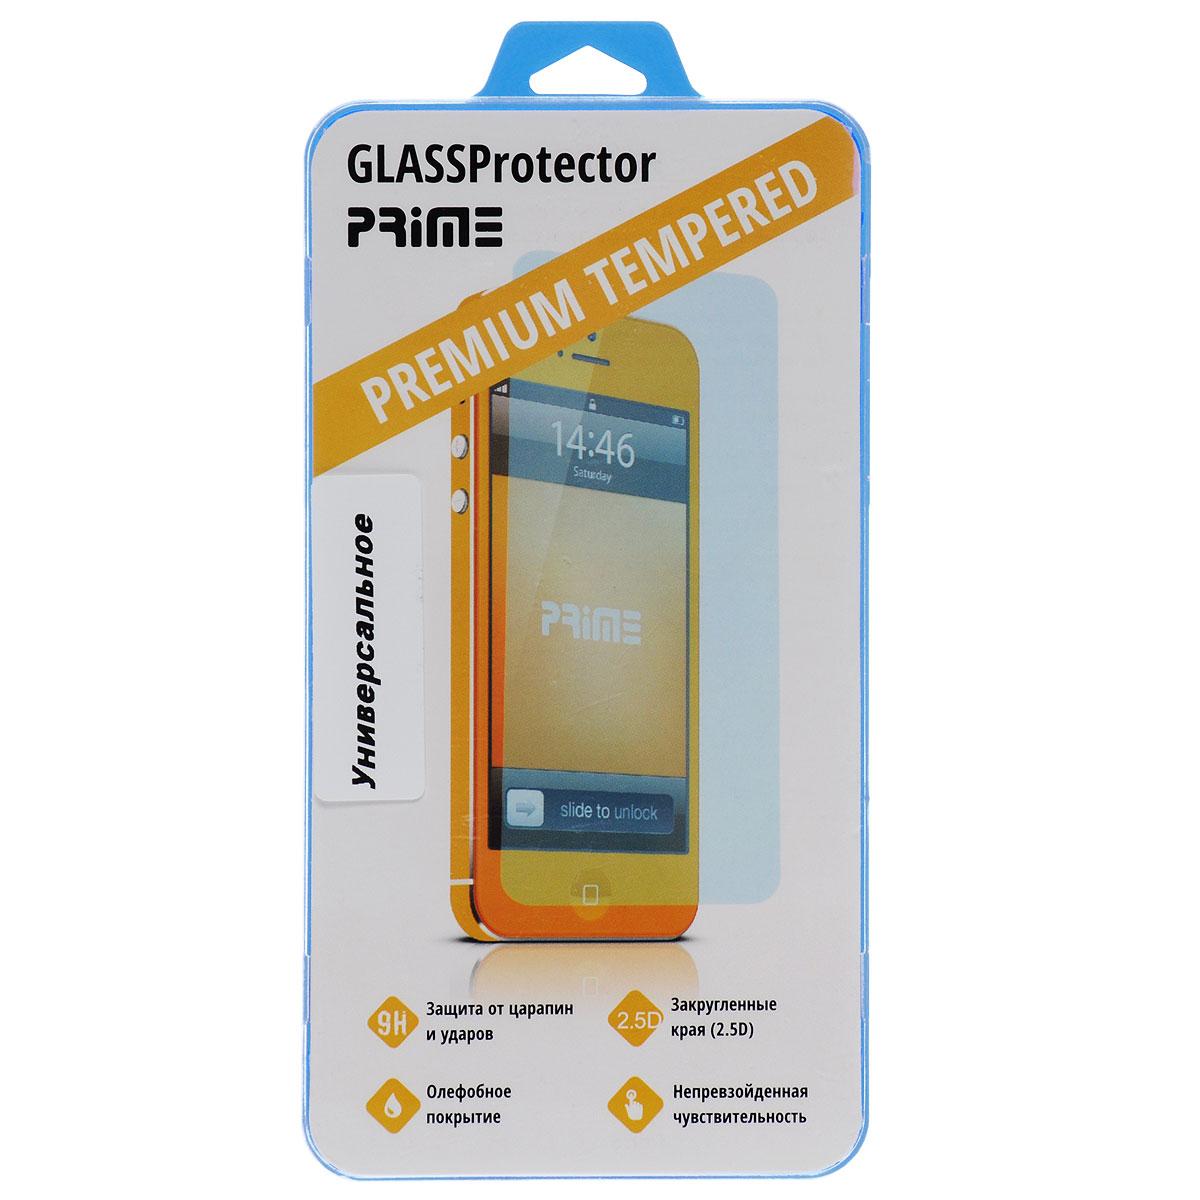 Prime Universal защитное стекло для устройств с экраном 5.3SP-140Прочное защитное стекло Prime Universal выполнено путем закаливания. Обеспечивает более высокий уровень защиты по сравнению с обычной пленкой. При этом яркость и чувствительность дисплея не будут ограничены. Препятствует появлению воздушных пузырей и надежно крепится на экране устройства. Имеет олеофобное покрытие.